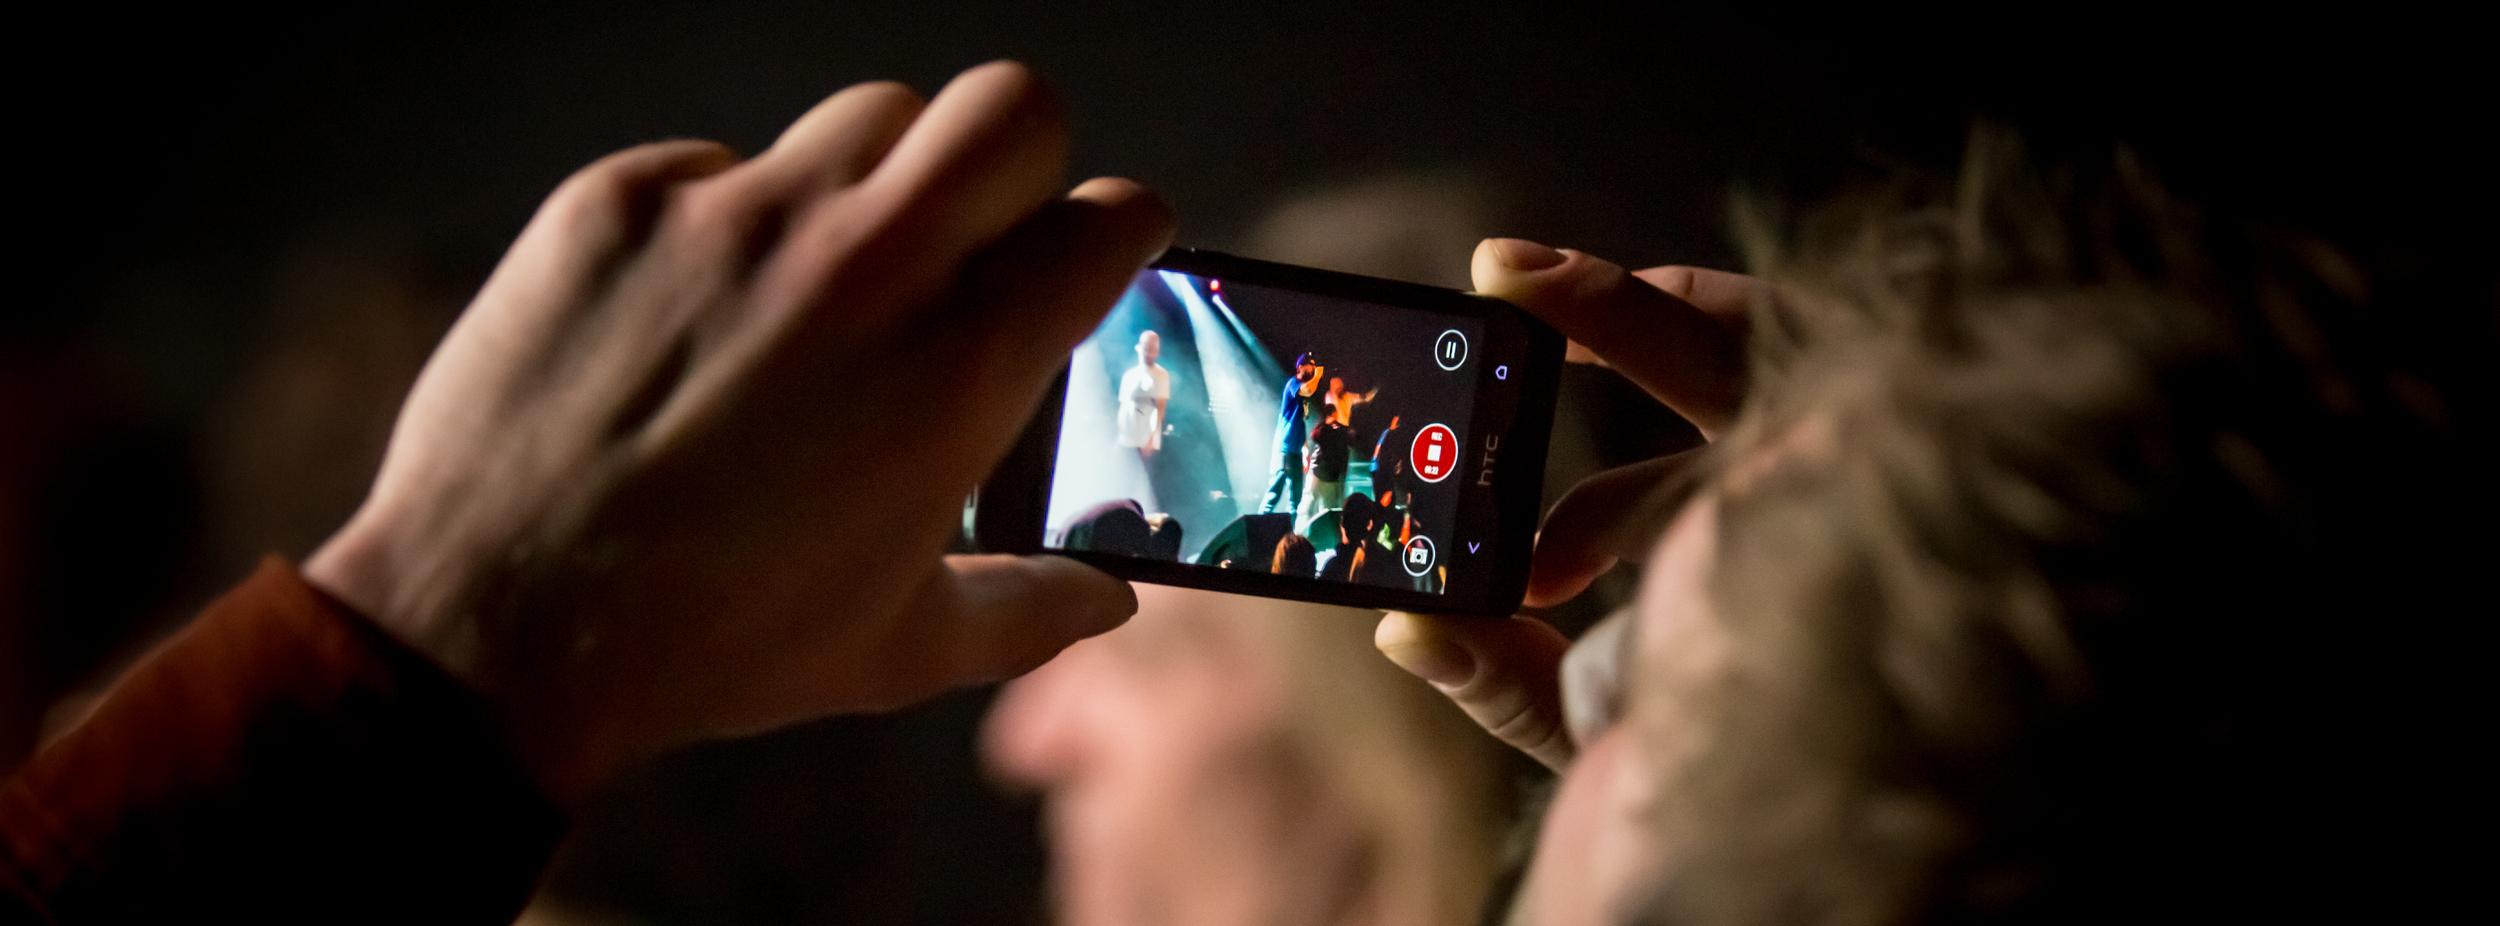 Smartphone oder DSLR Header